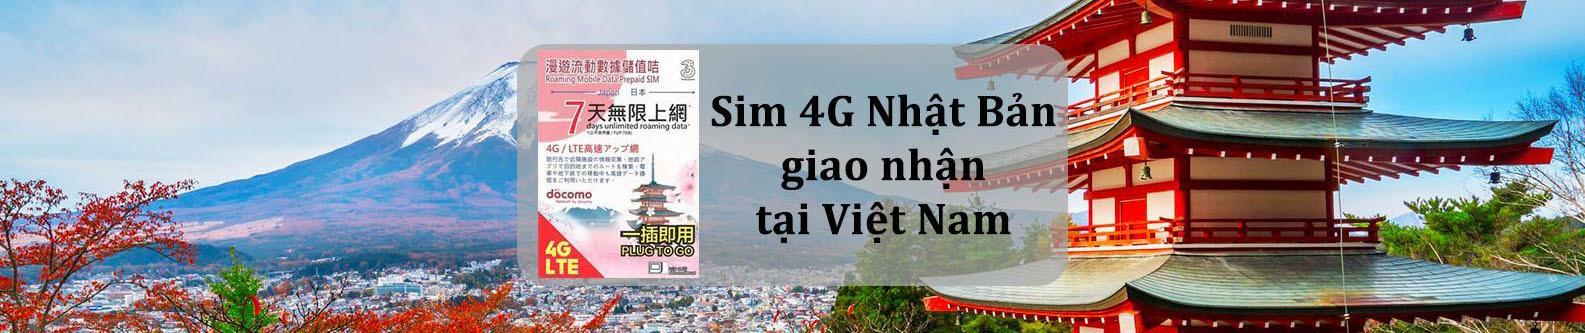 sim-4g-nhat-ban-nhan-tai-viet-nam